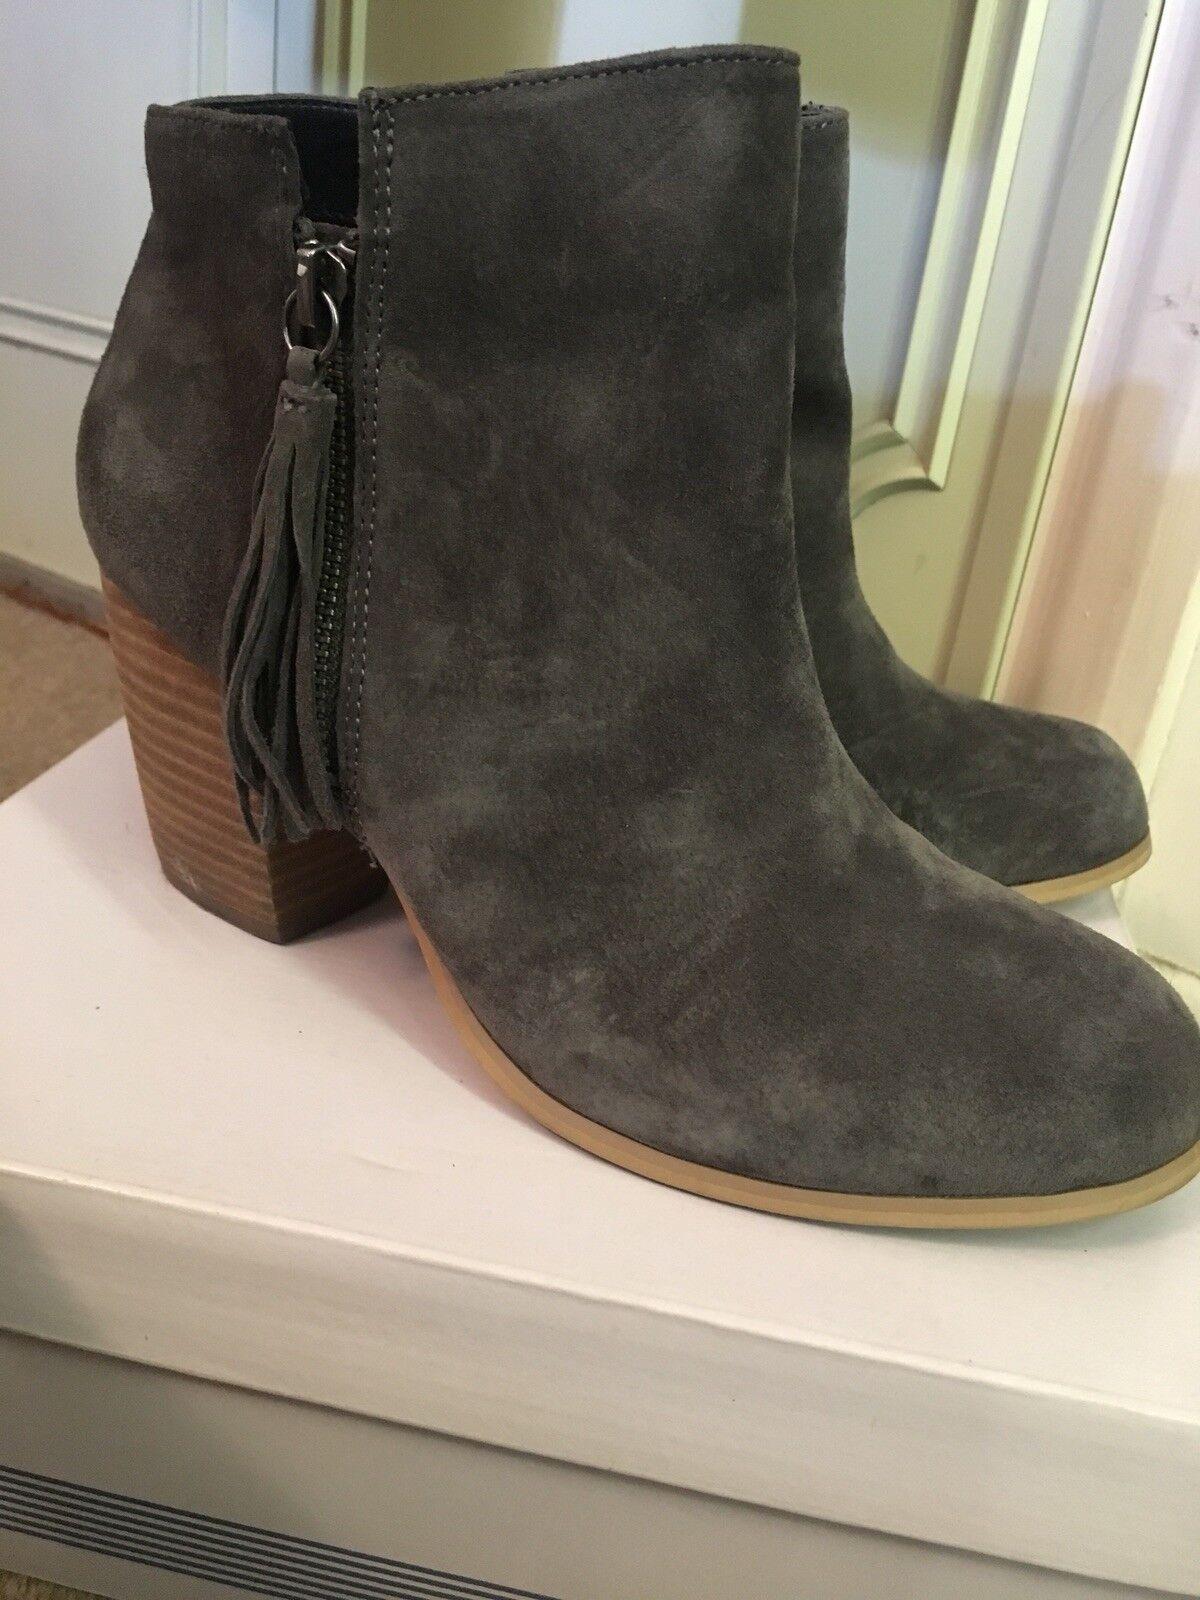 Pier One Grau Größe Grau One Suede Ankle Stiefel, Größe One 6 39 ff97d9 861f76